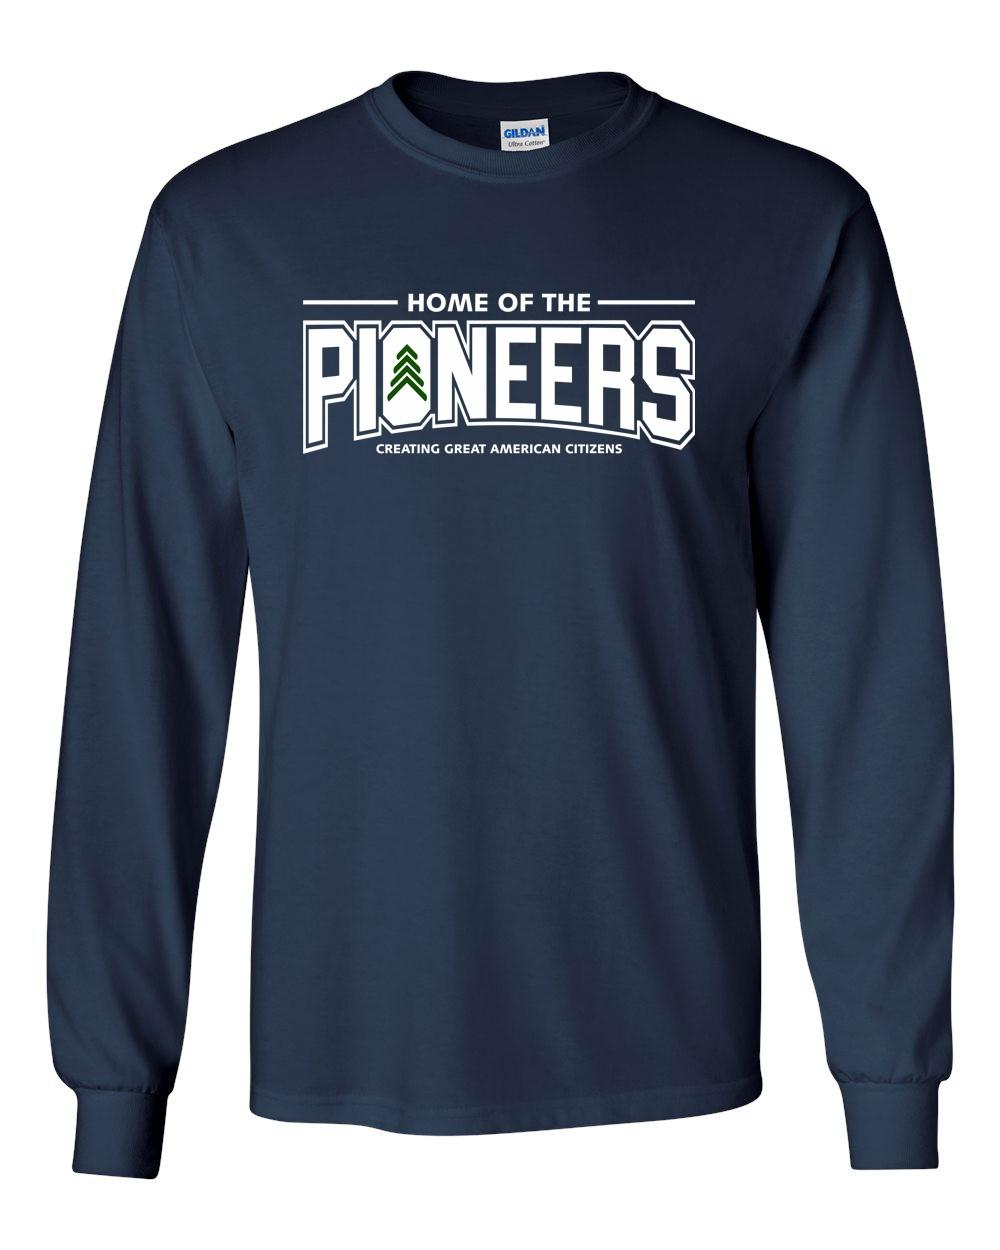 Pioneers 100% Pre-Shrunk Cotton Long Sleeve Tees